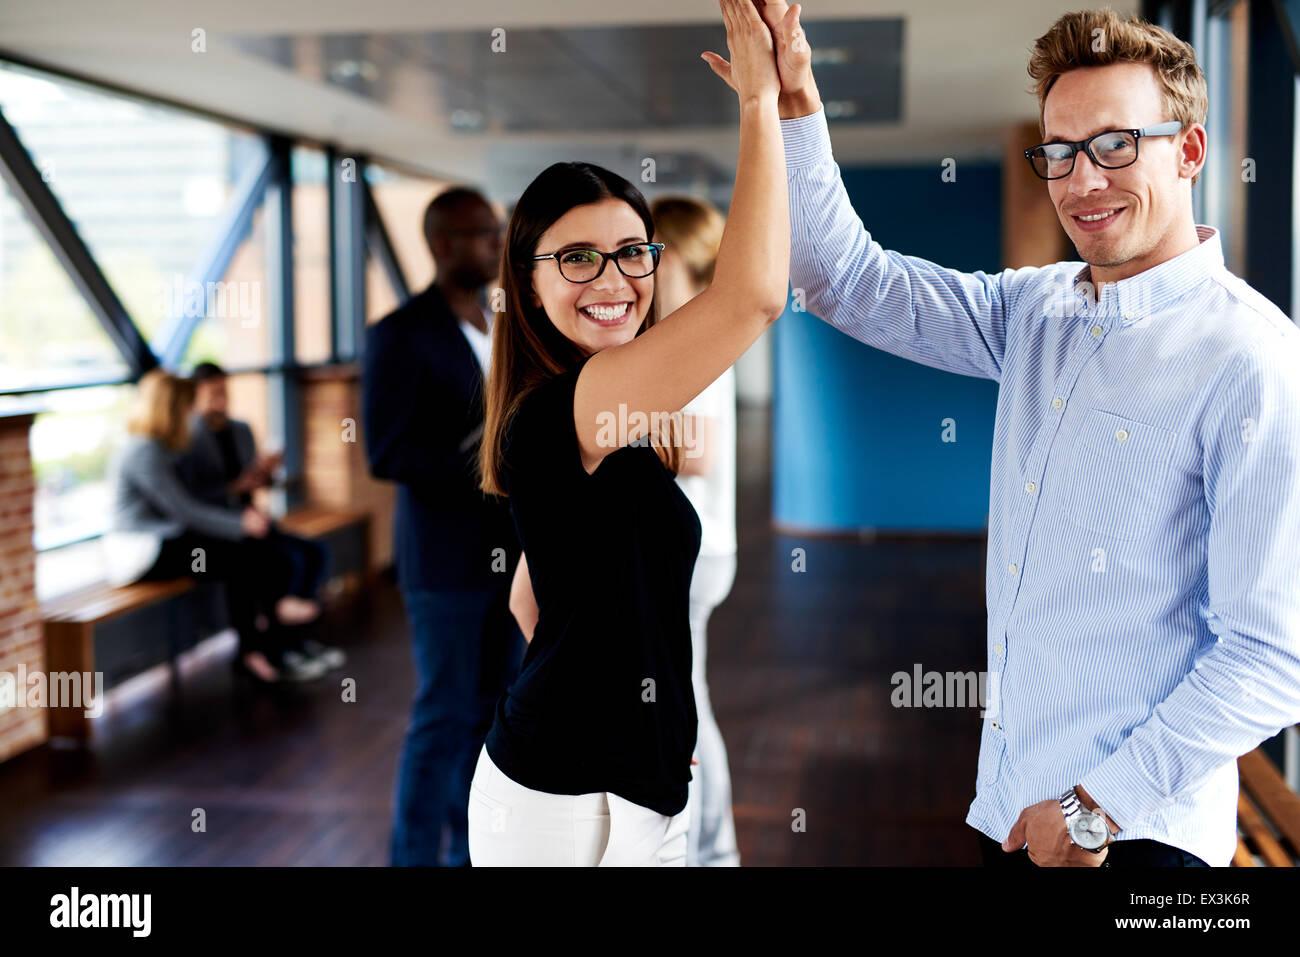 Weibliche und männliche Kollegen hohe FIVING und lächelnd an Kamera Stockbild